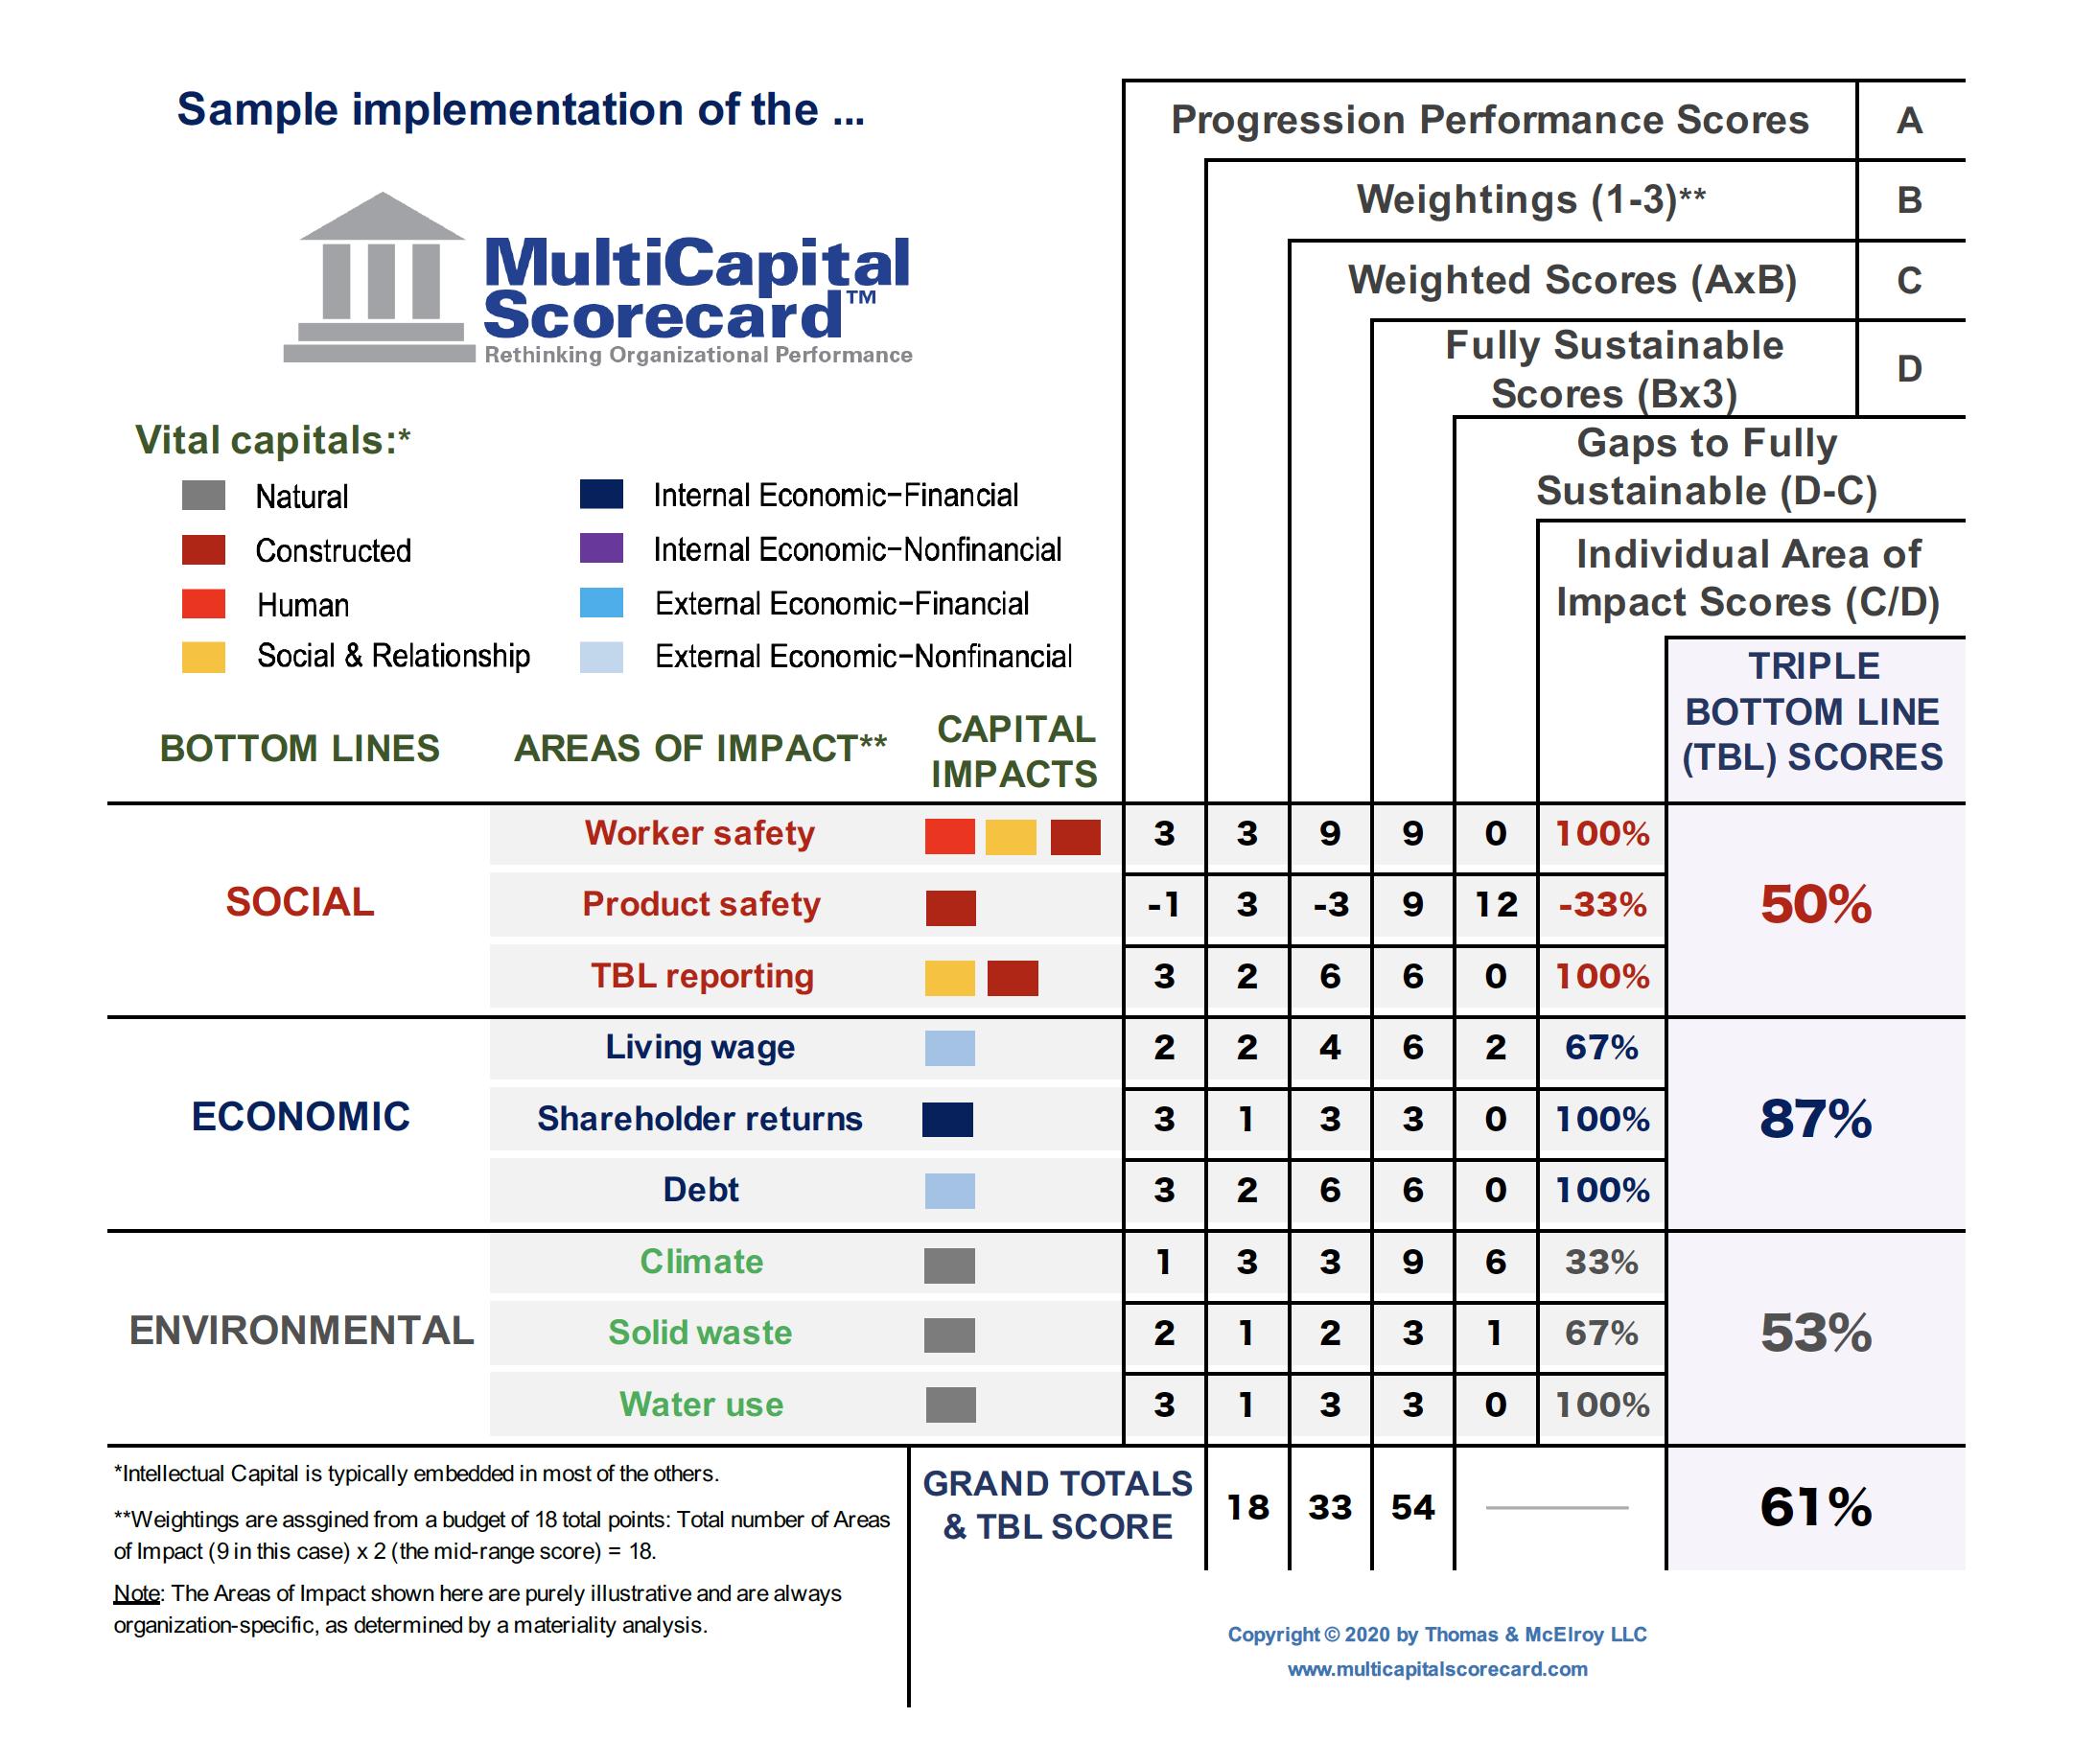 About MultiCapital Scorecard | MultiCapital Scorecard®